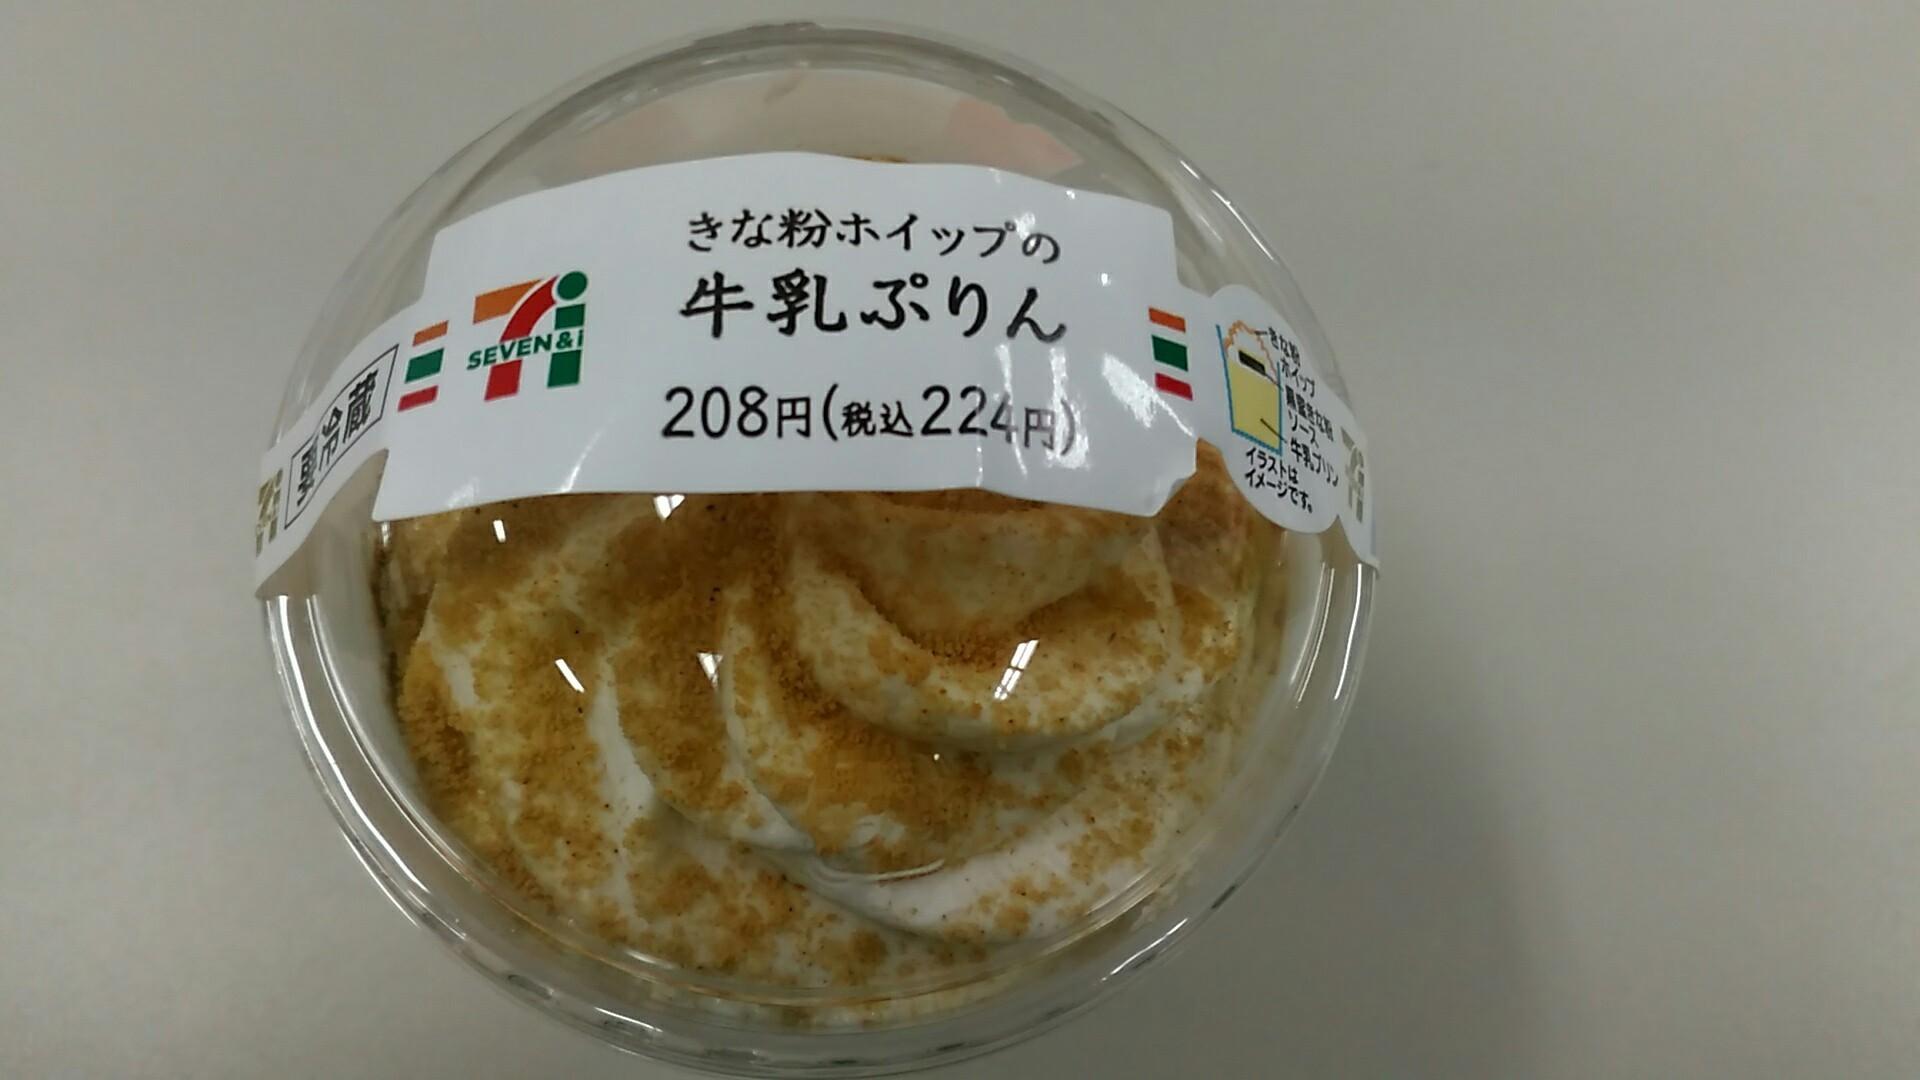 セブンイレブン 『きな粉ホイップの牛乳ぷりん』_a0326295_21441421.jpg